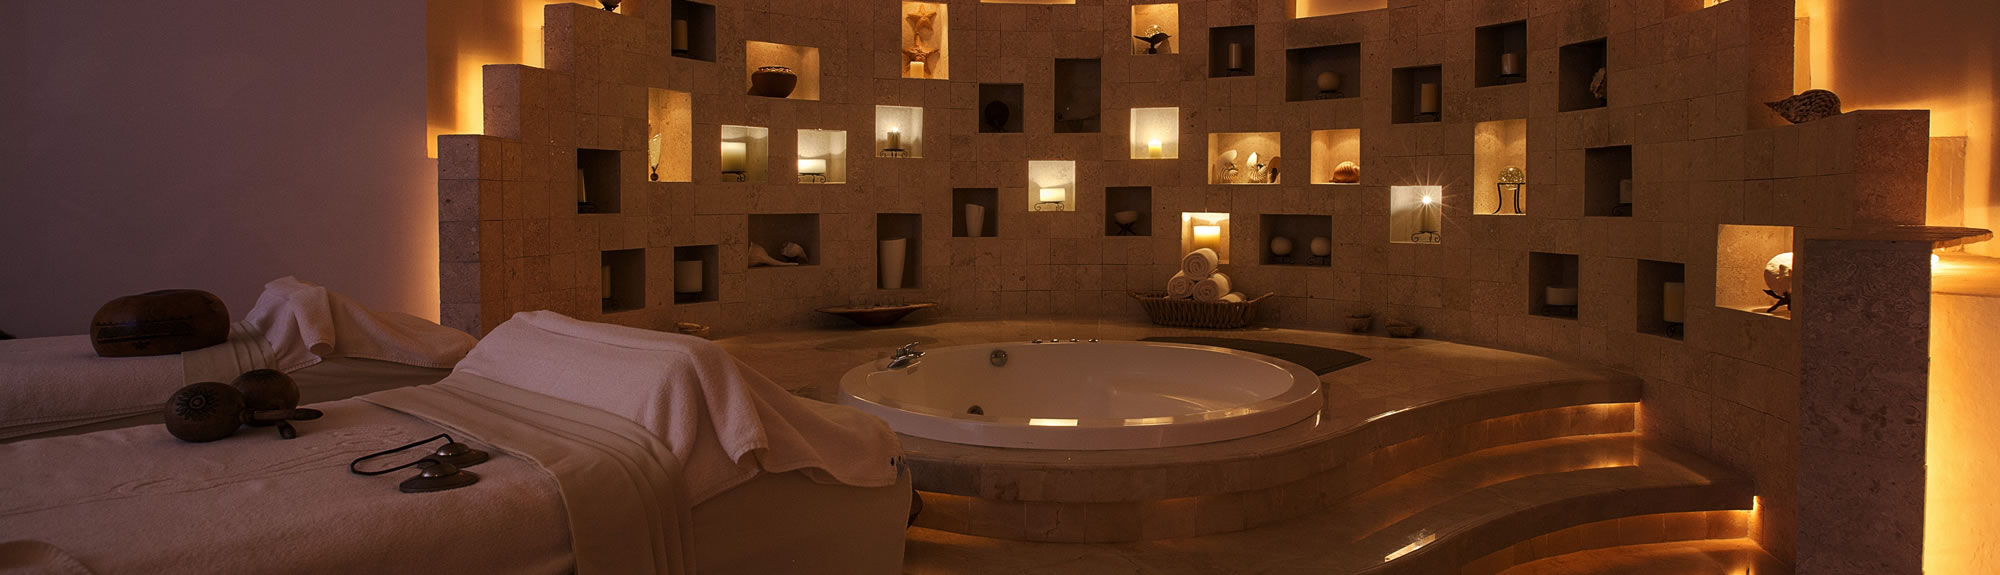 Hotel 5 estrellas en Cancún